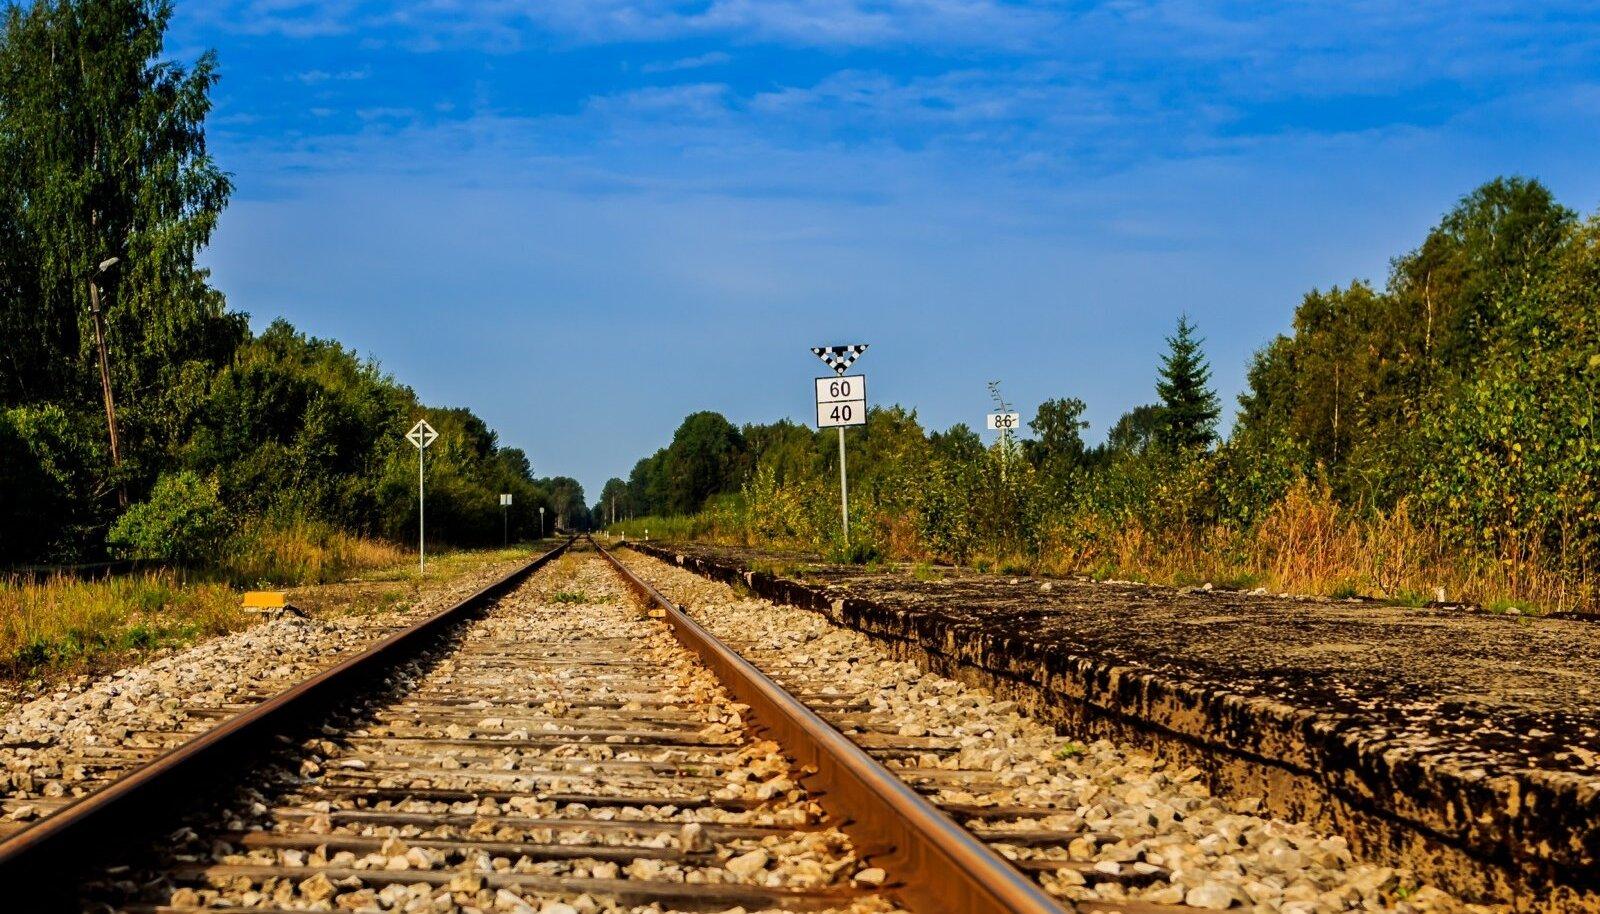 Kõigile meeldivad rongid, aga vähesed sõidavad nendega. Pole siis ime, kui raudteed vaikselt ära kaovad.